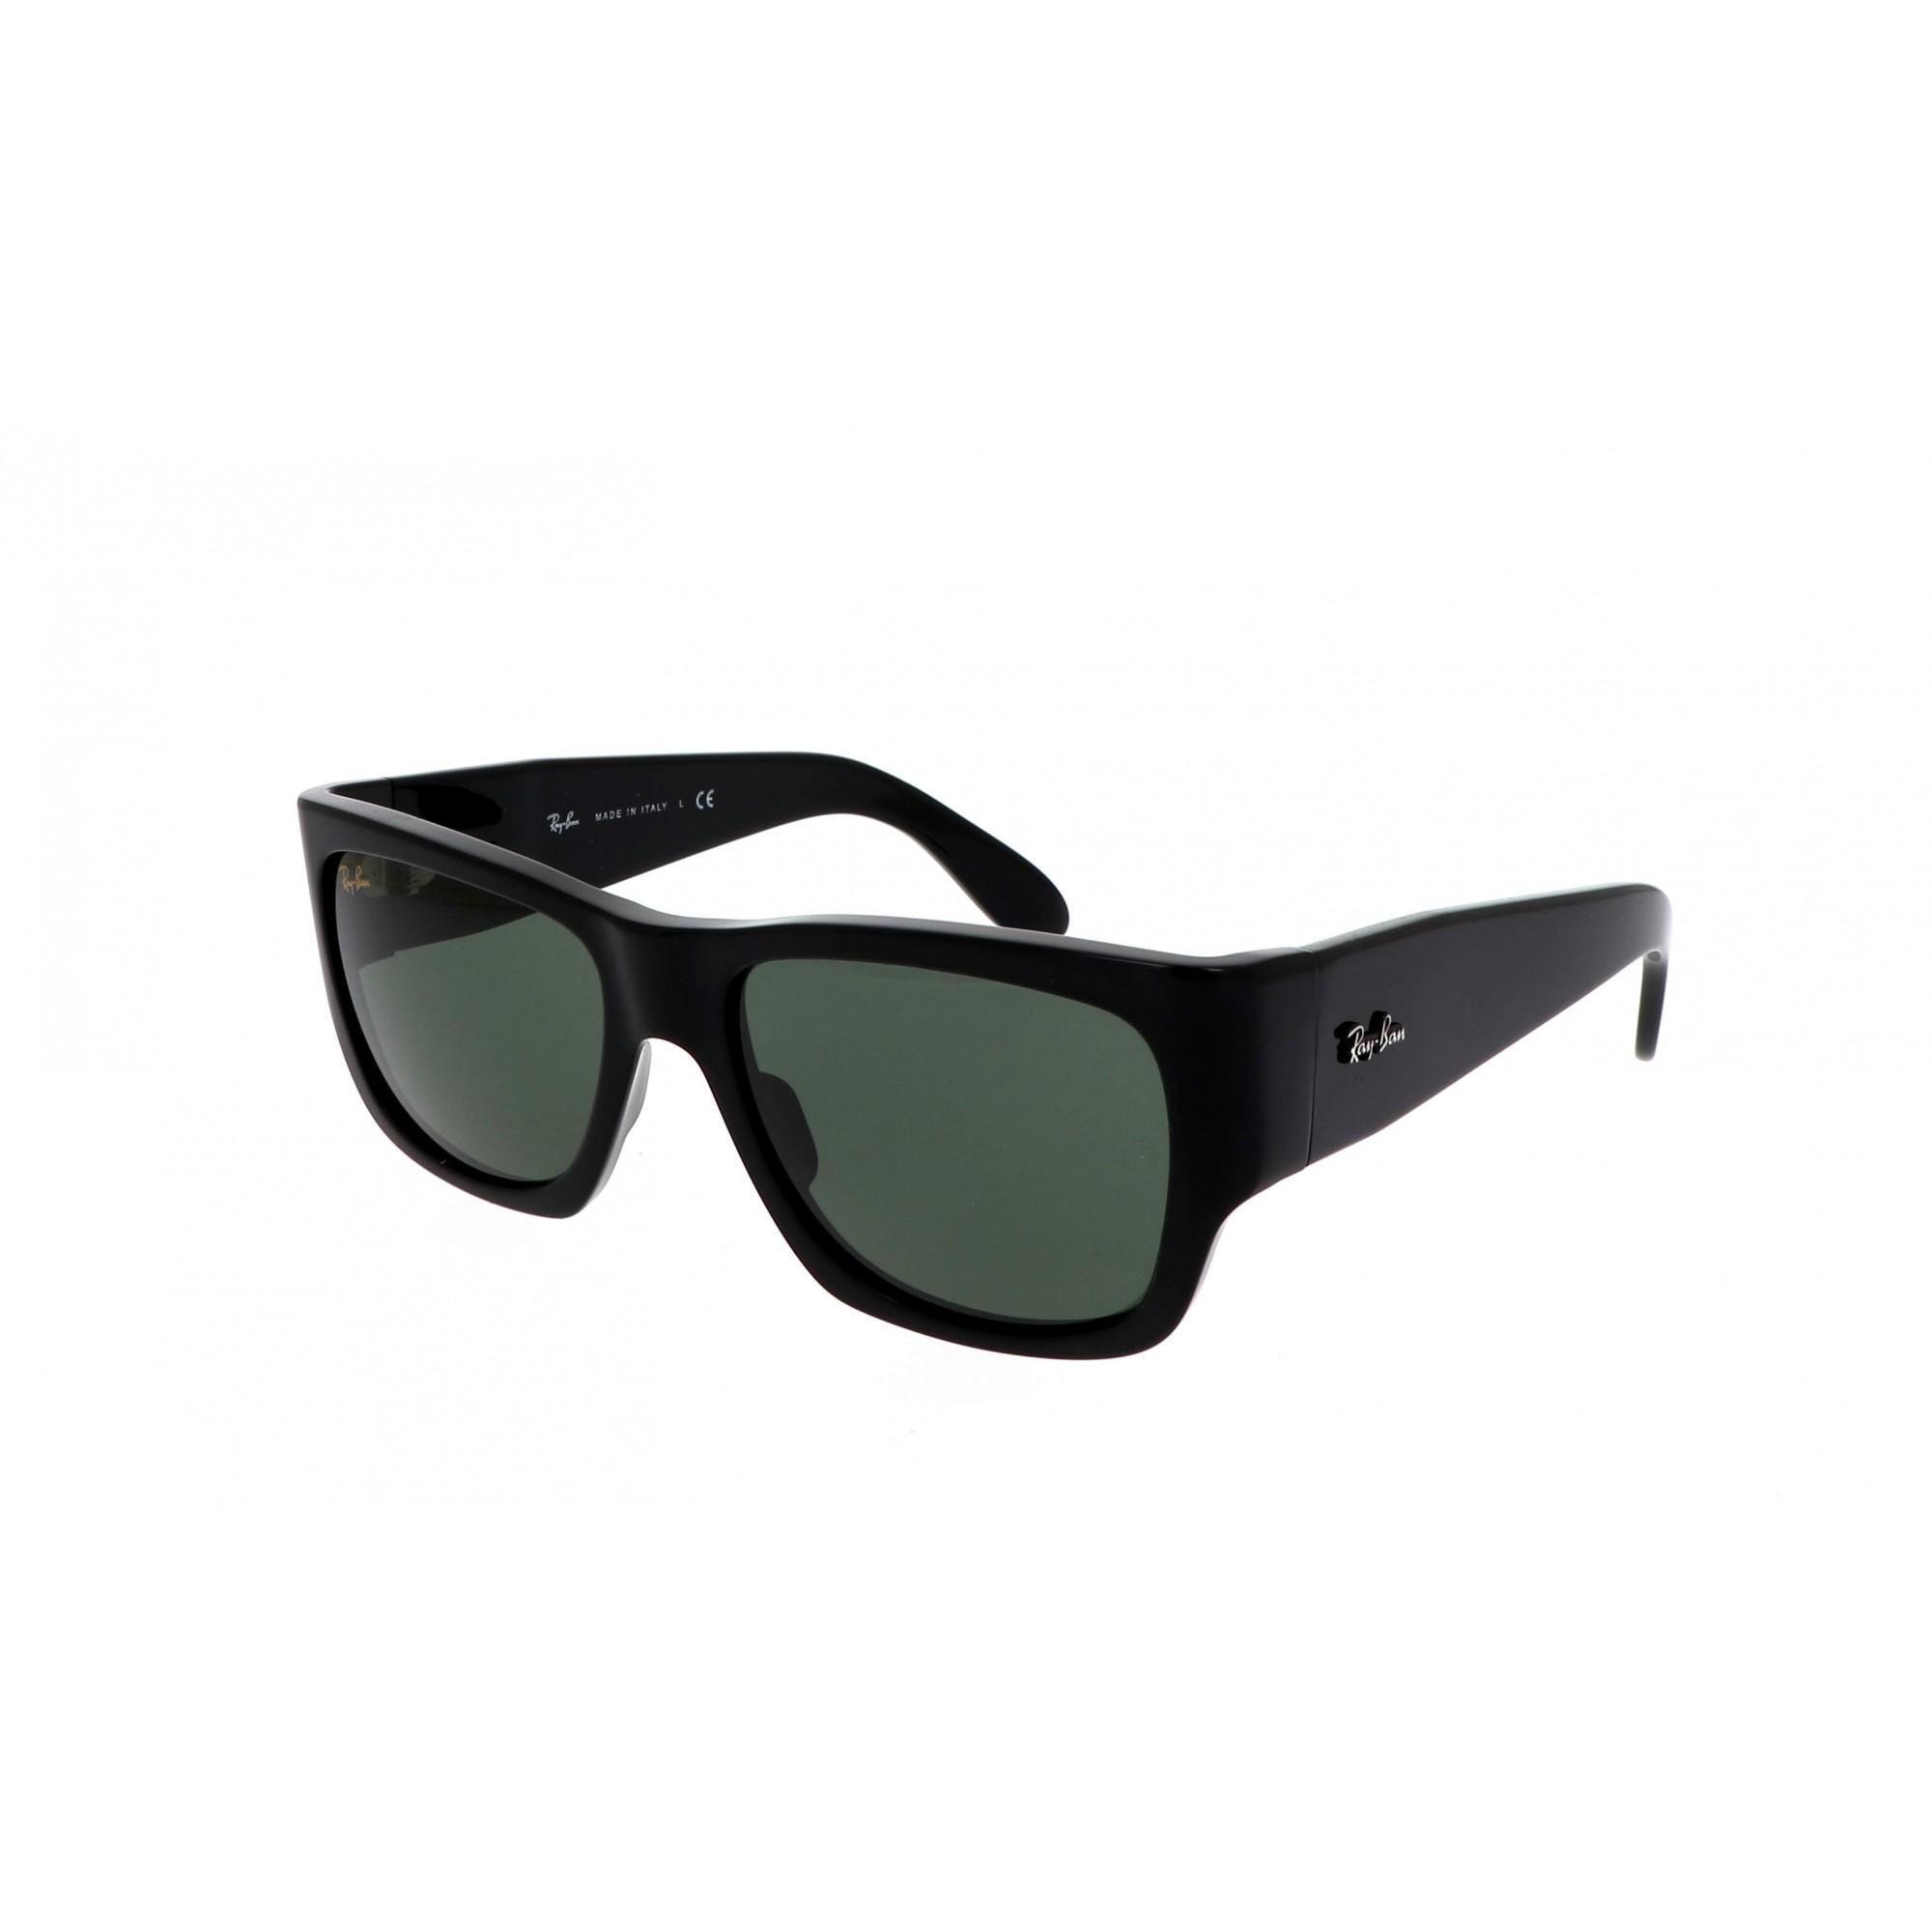 Óculos de Sol Ray-Ban Nomad Preto RB2187 - 901/31/54